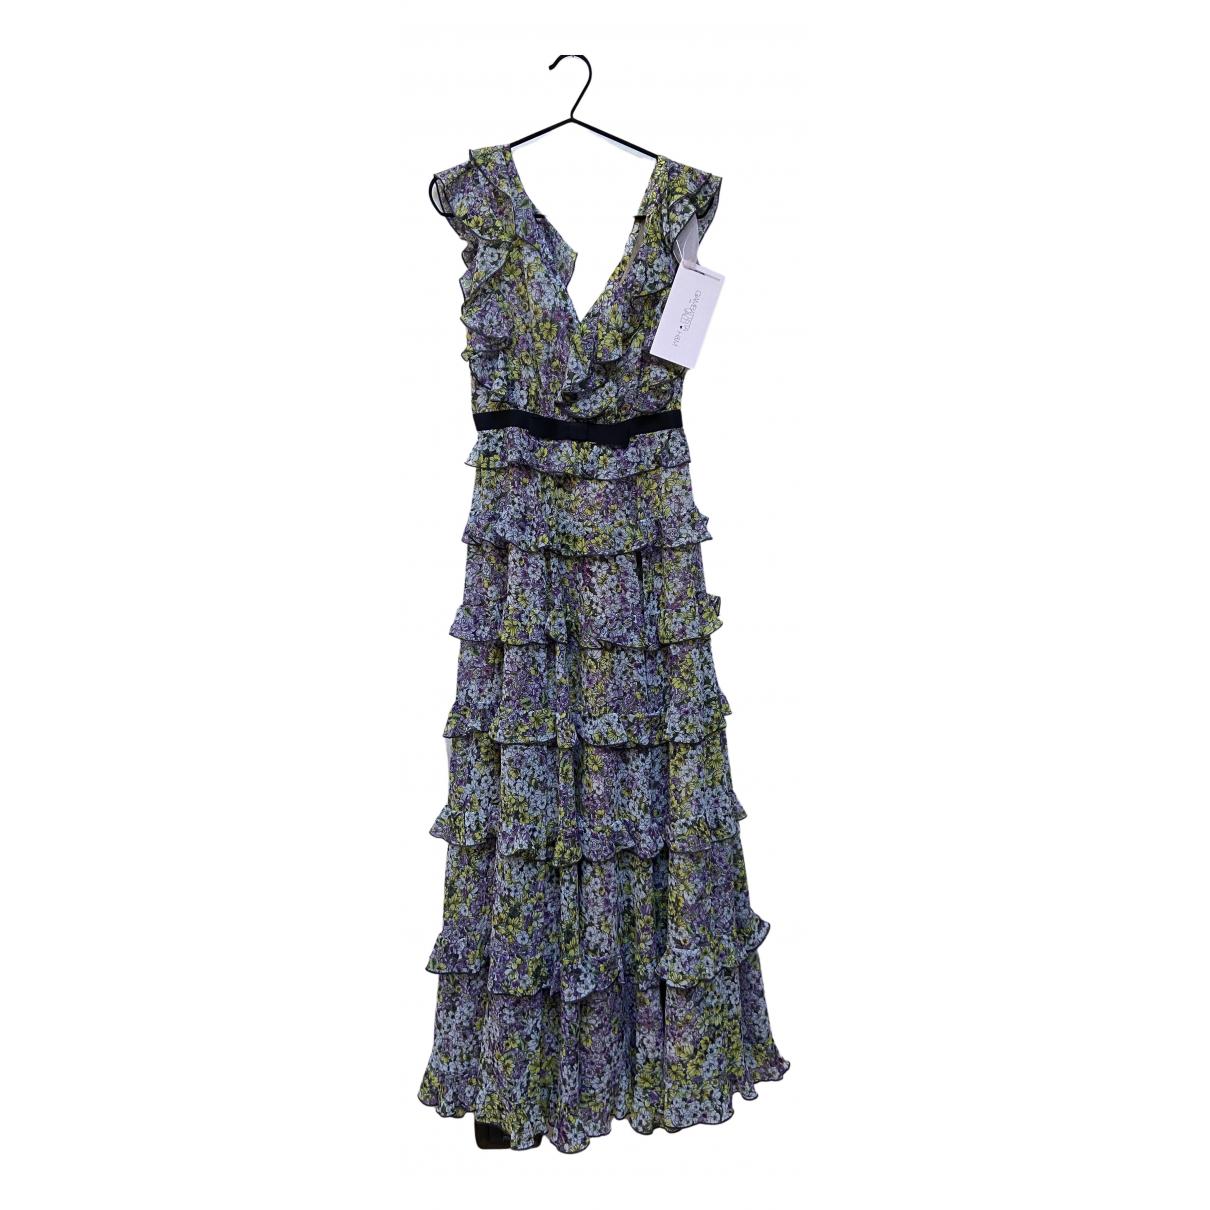 Giambattista Valli X H&m \N Kleid in  Bunt Polyester